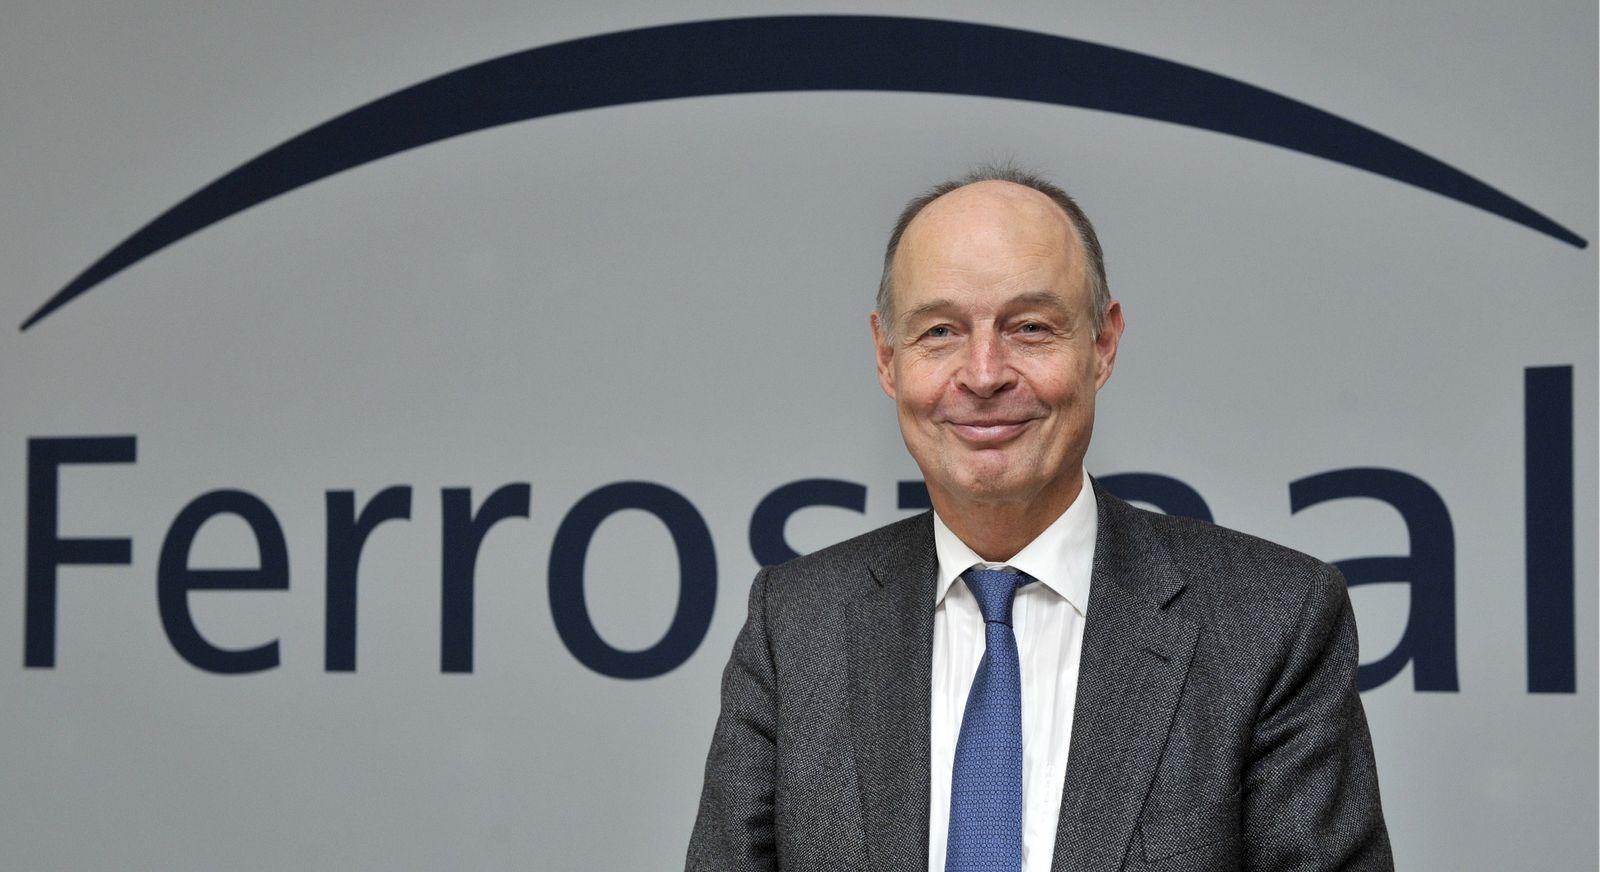 NICHT VERWENDEN Ferrostaal / Dr. Matthias Mitscherlich